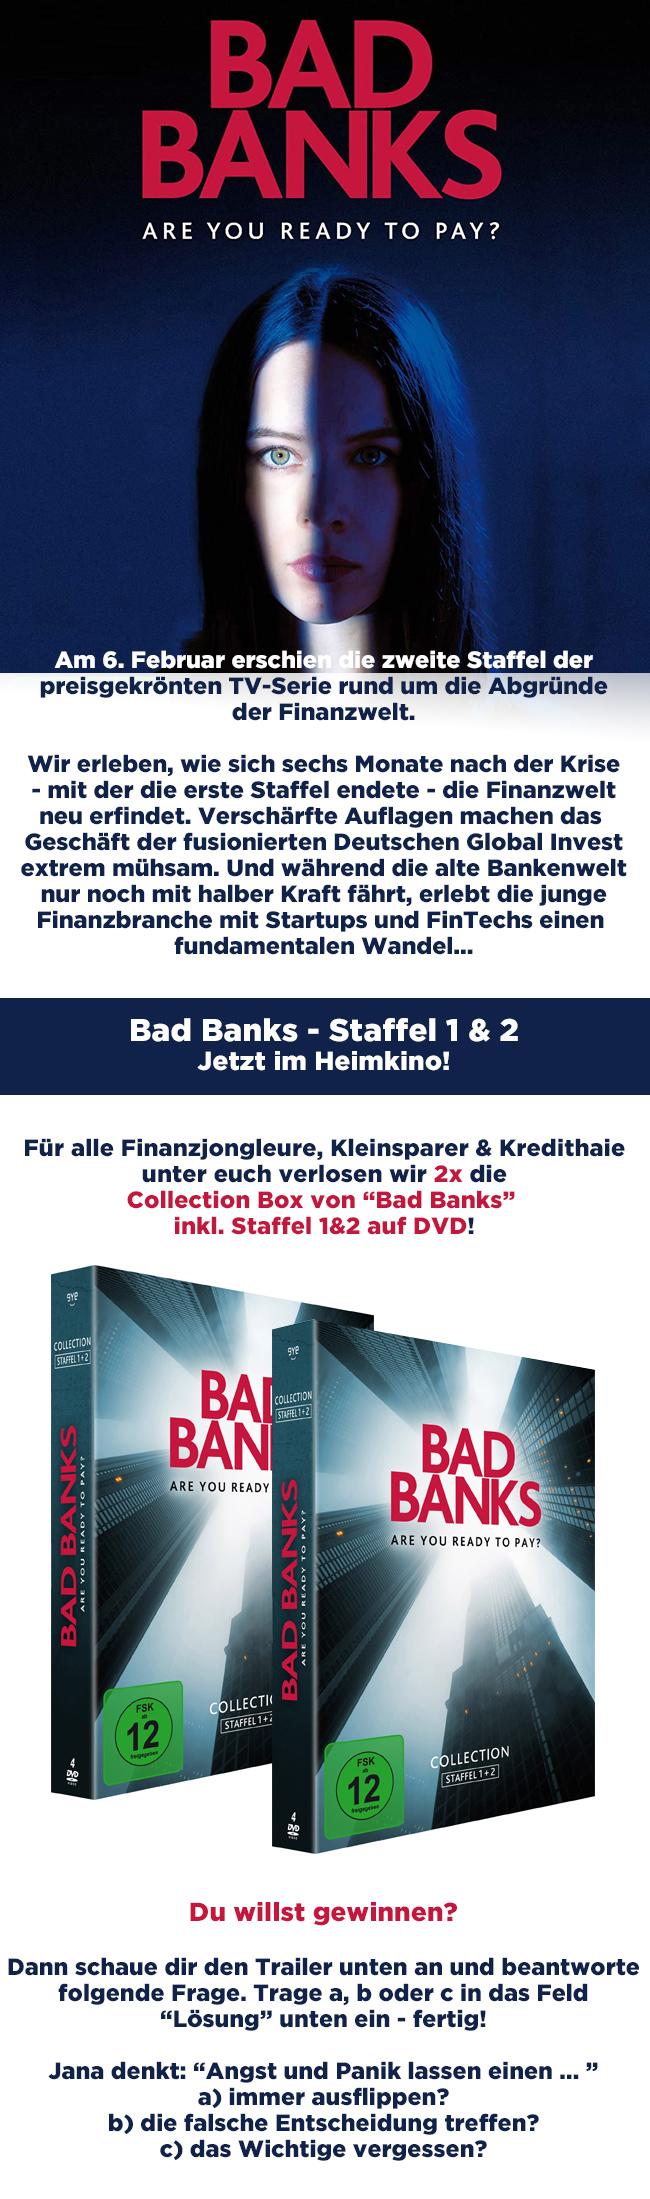 """Bild 1:Sei gerissener als andere in unserem """"Bad Banks""""-Gewinnspiel!"""